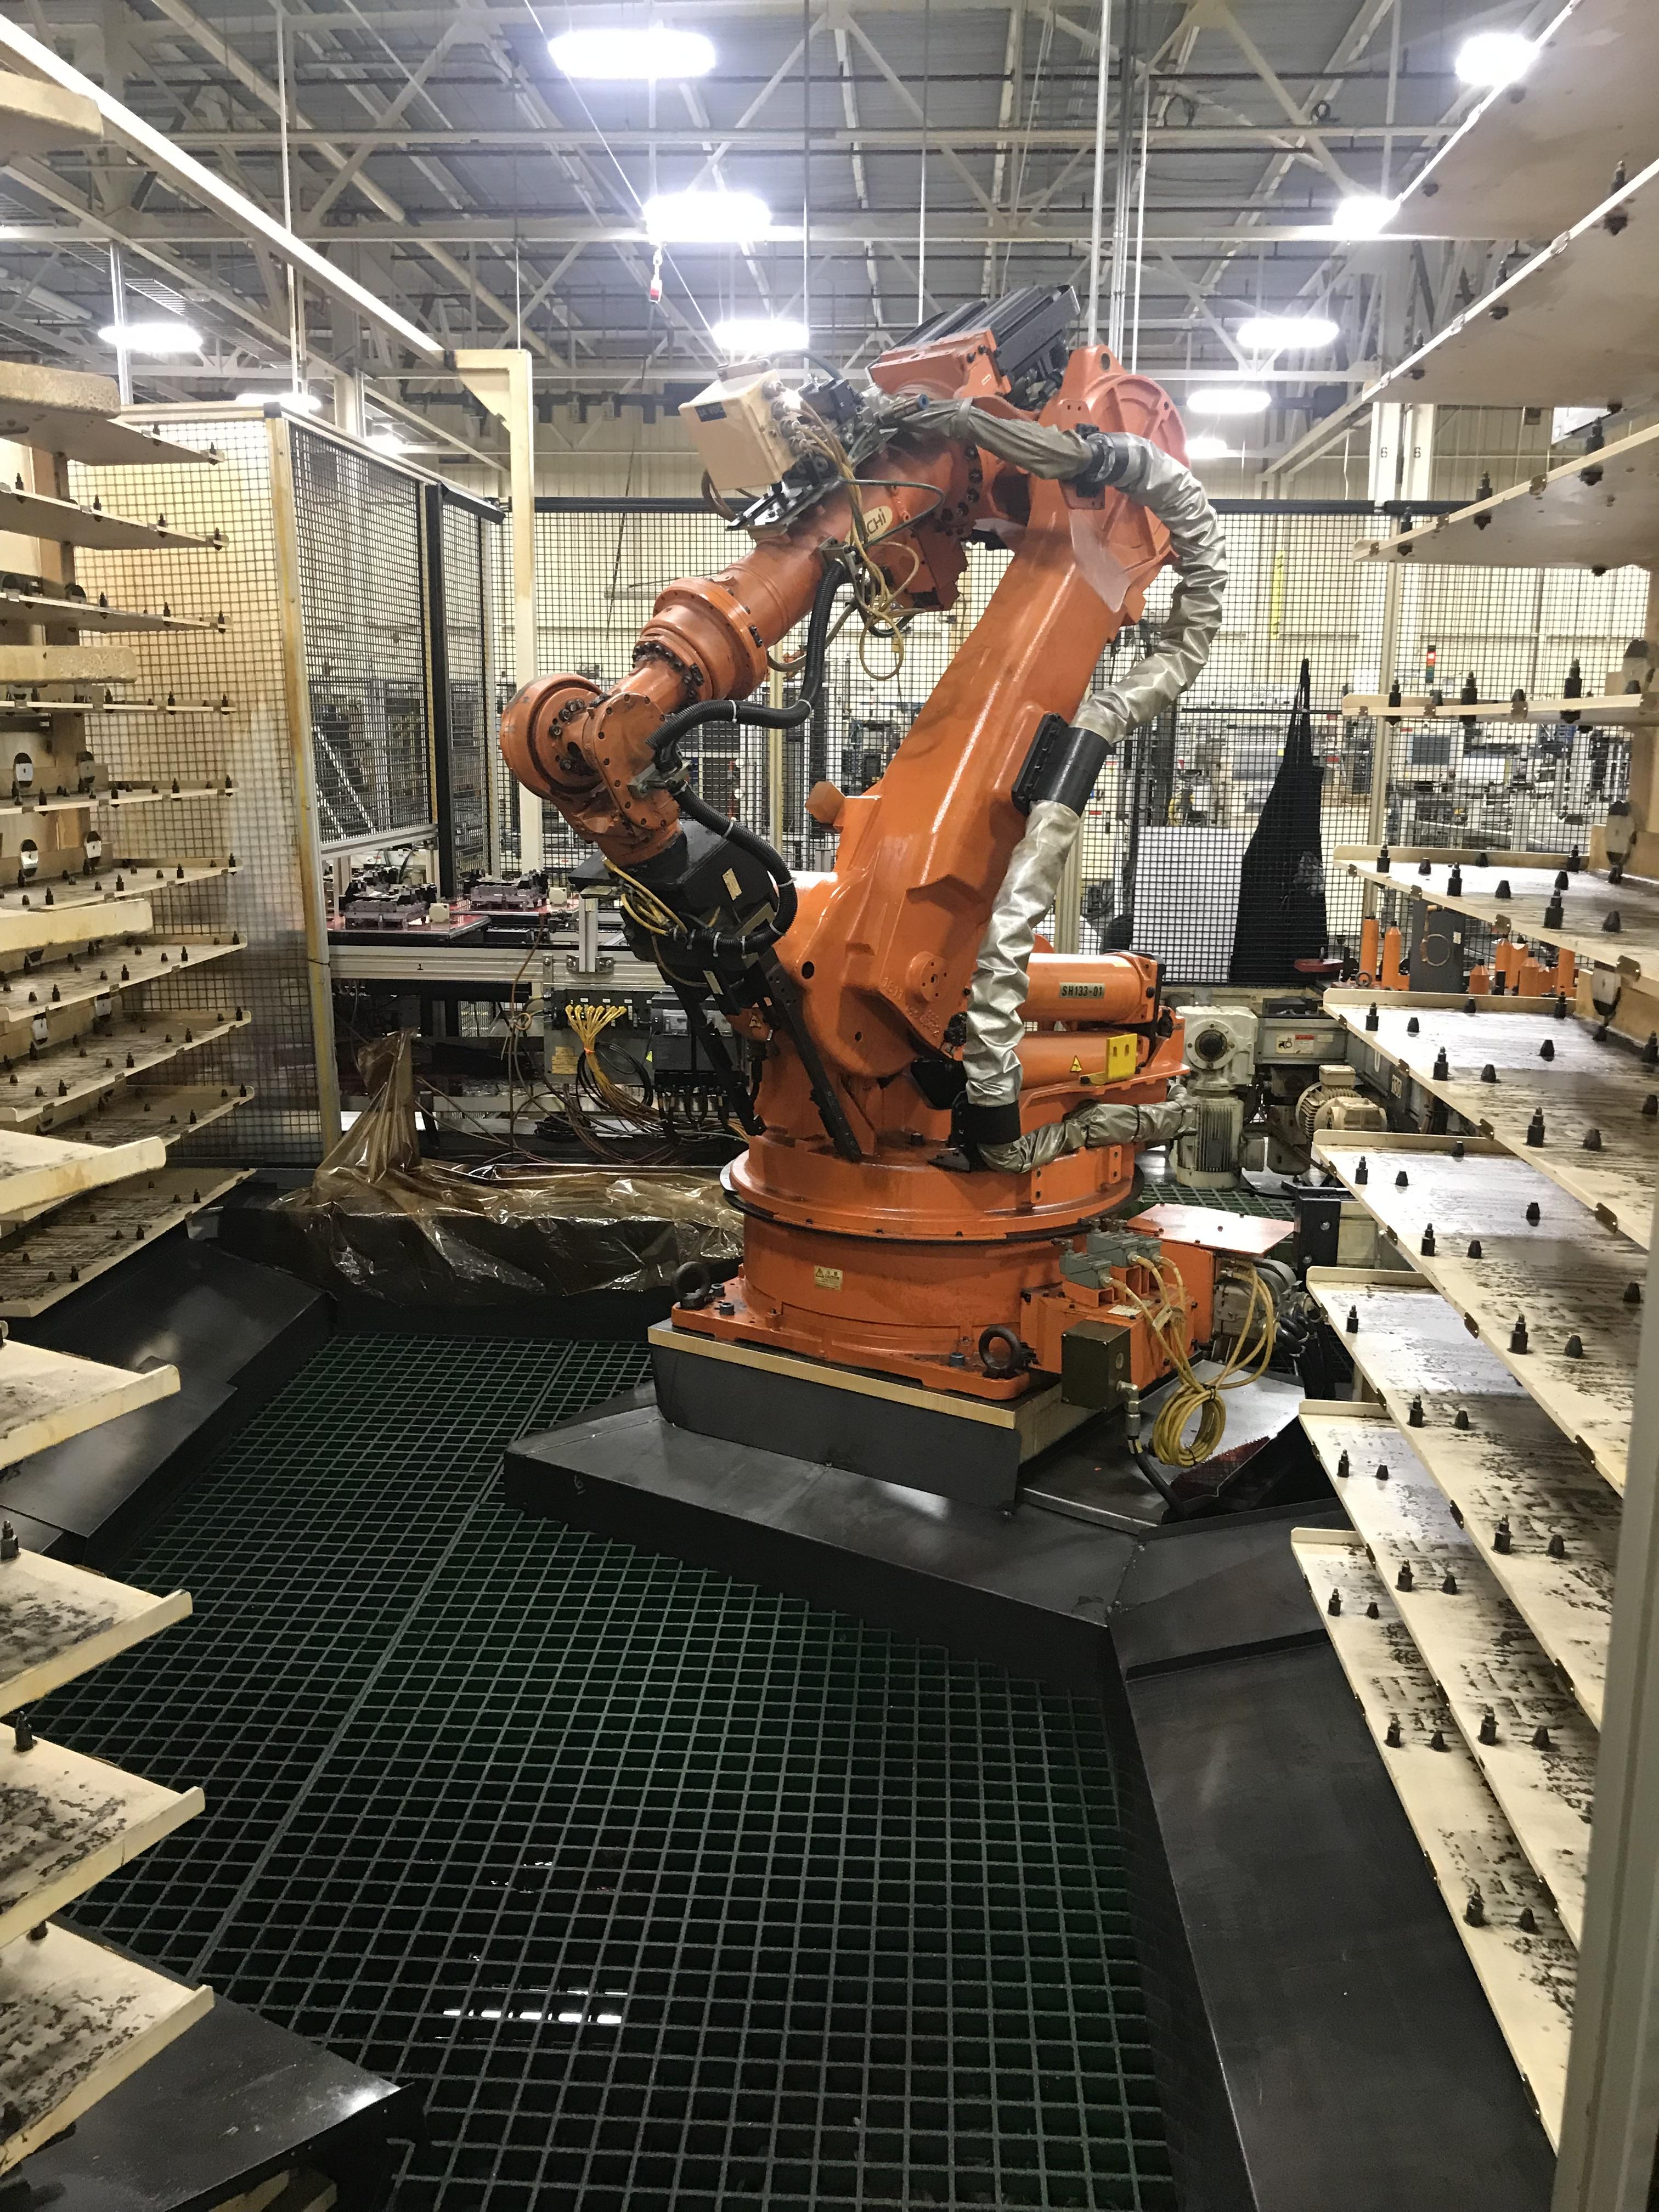 Lot 155 - 2002 Nachi SH-133-01 Robot